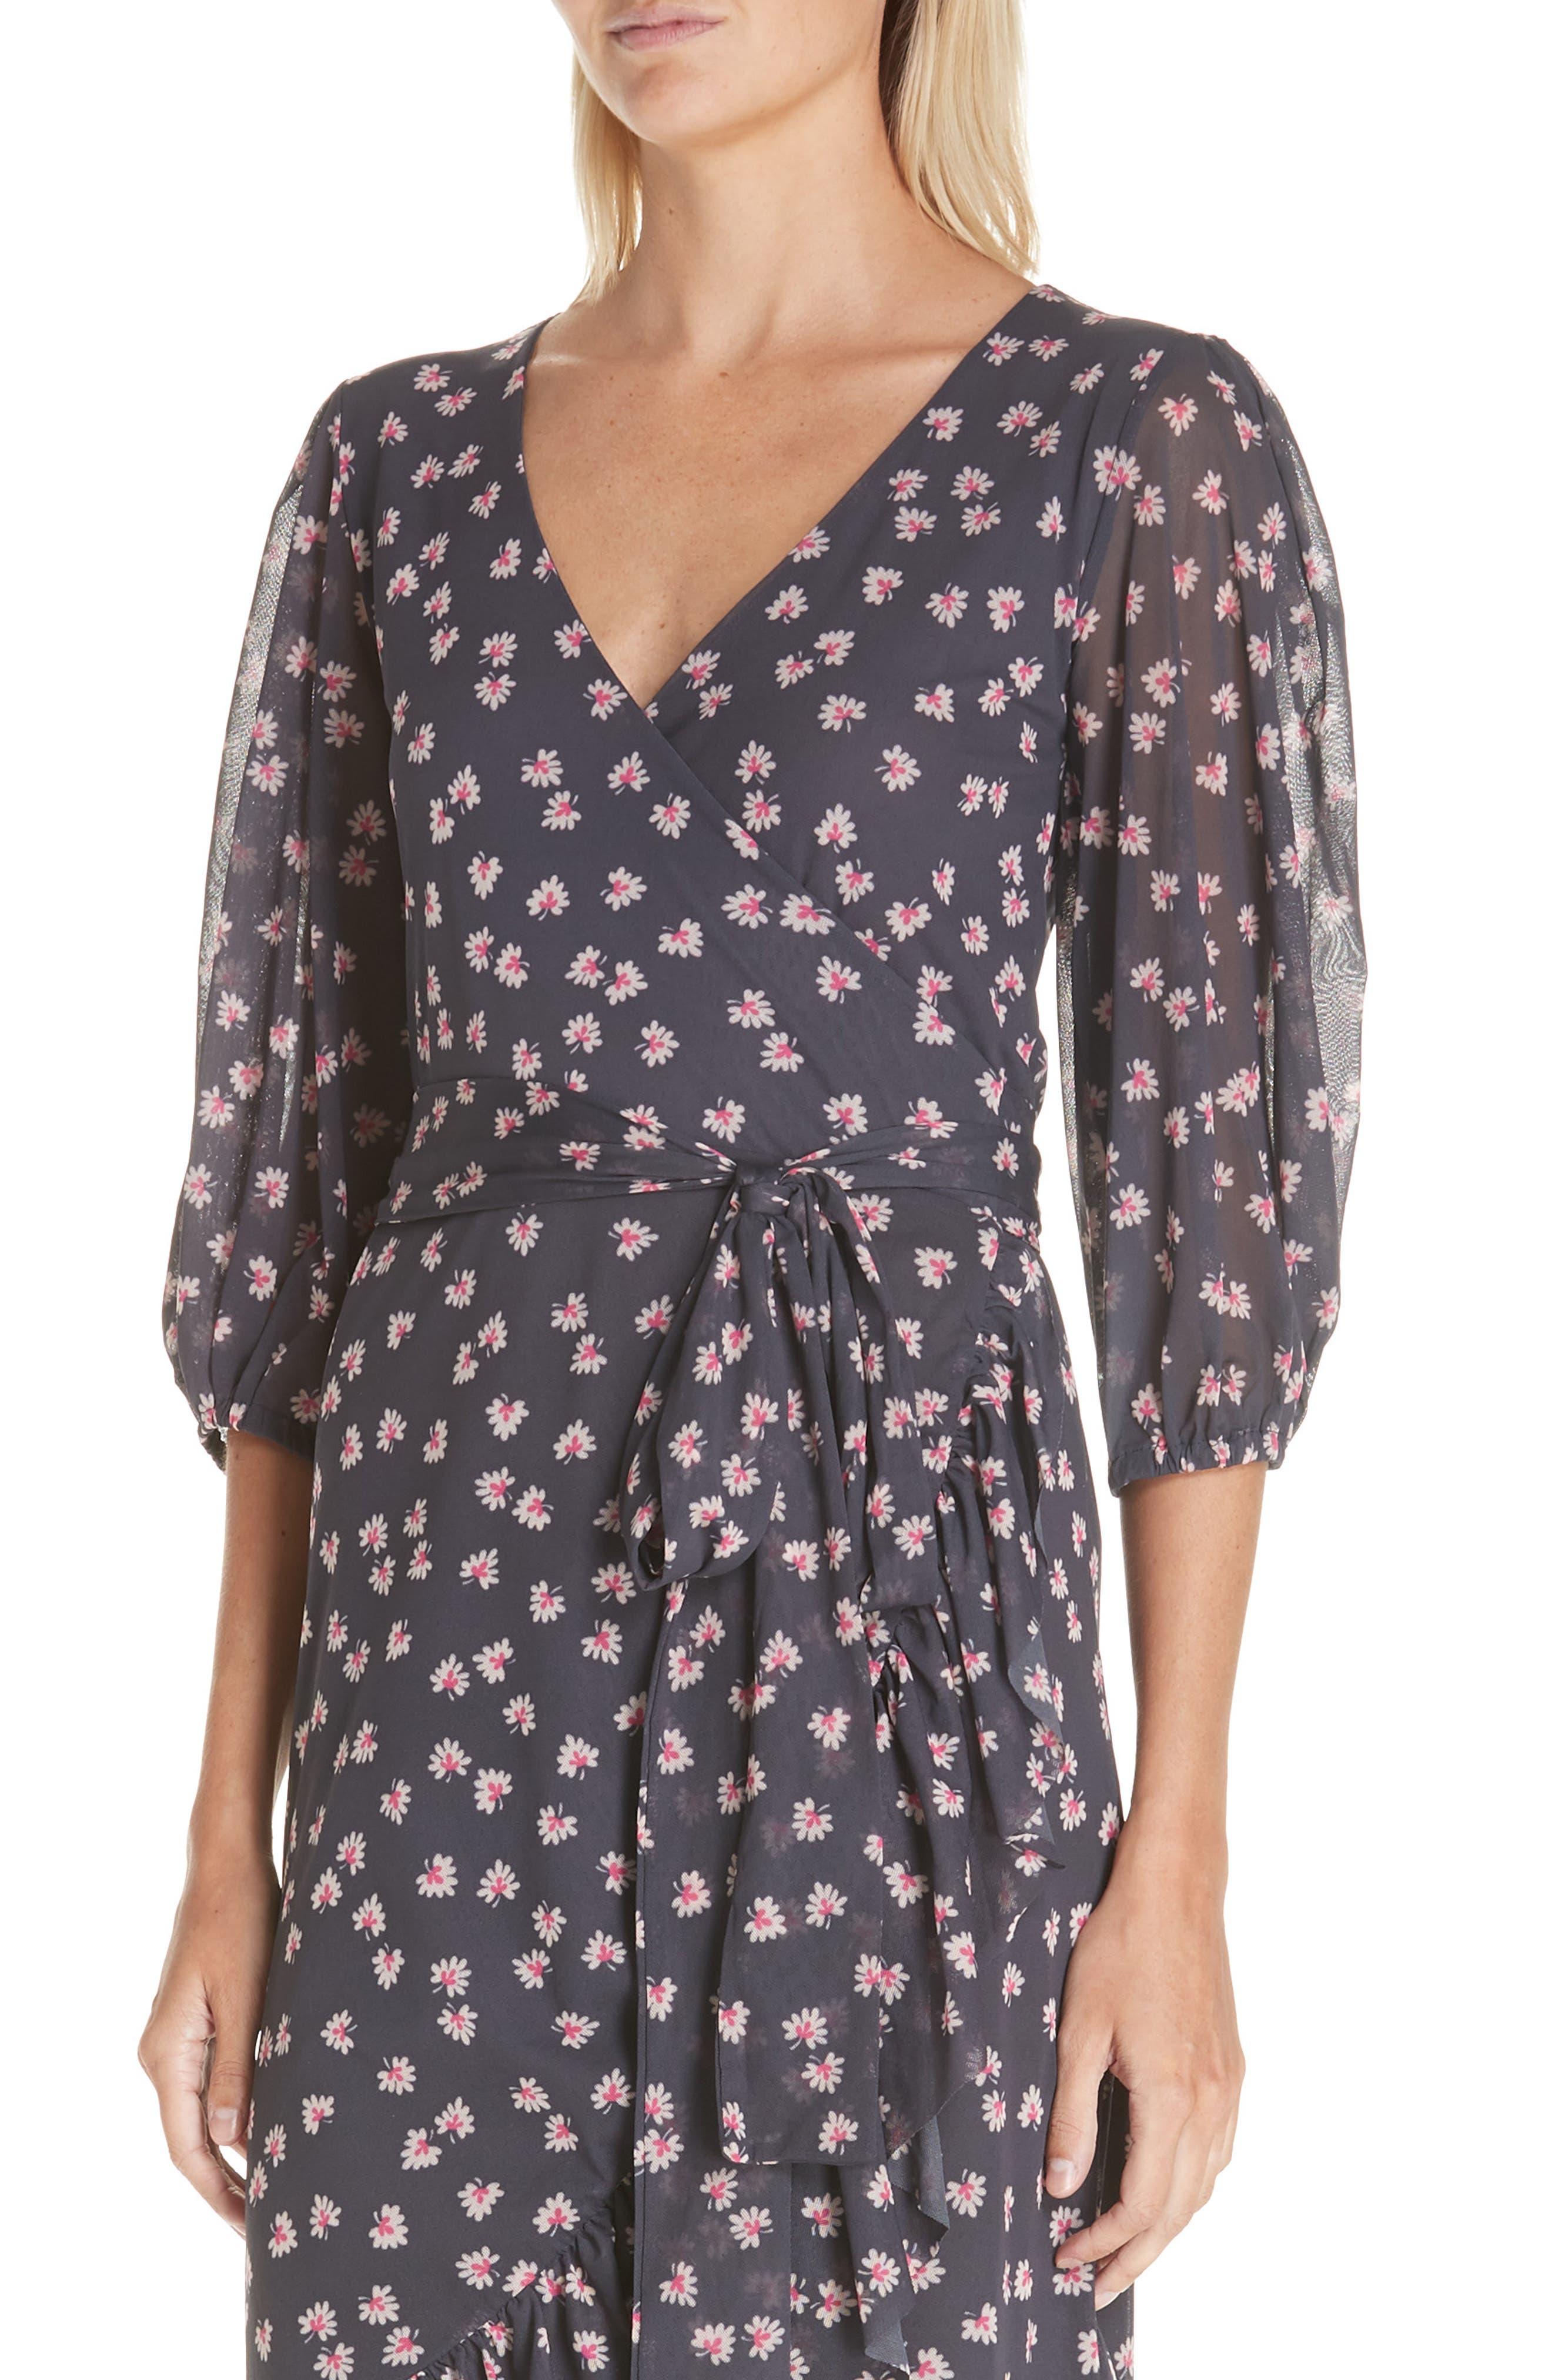 GANNI,                             Floral Print Wrap Dress,                             Alternate thumbnail 4, color,                             400